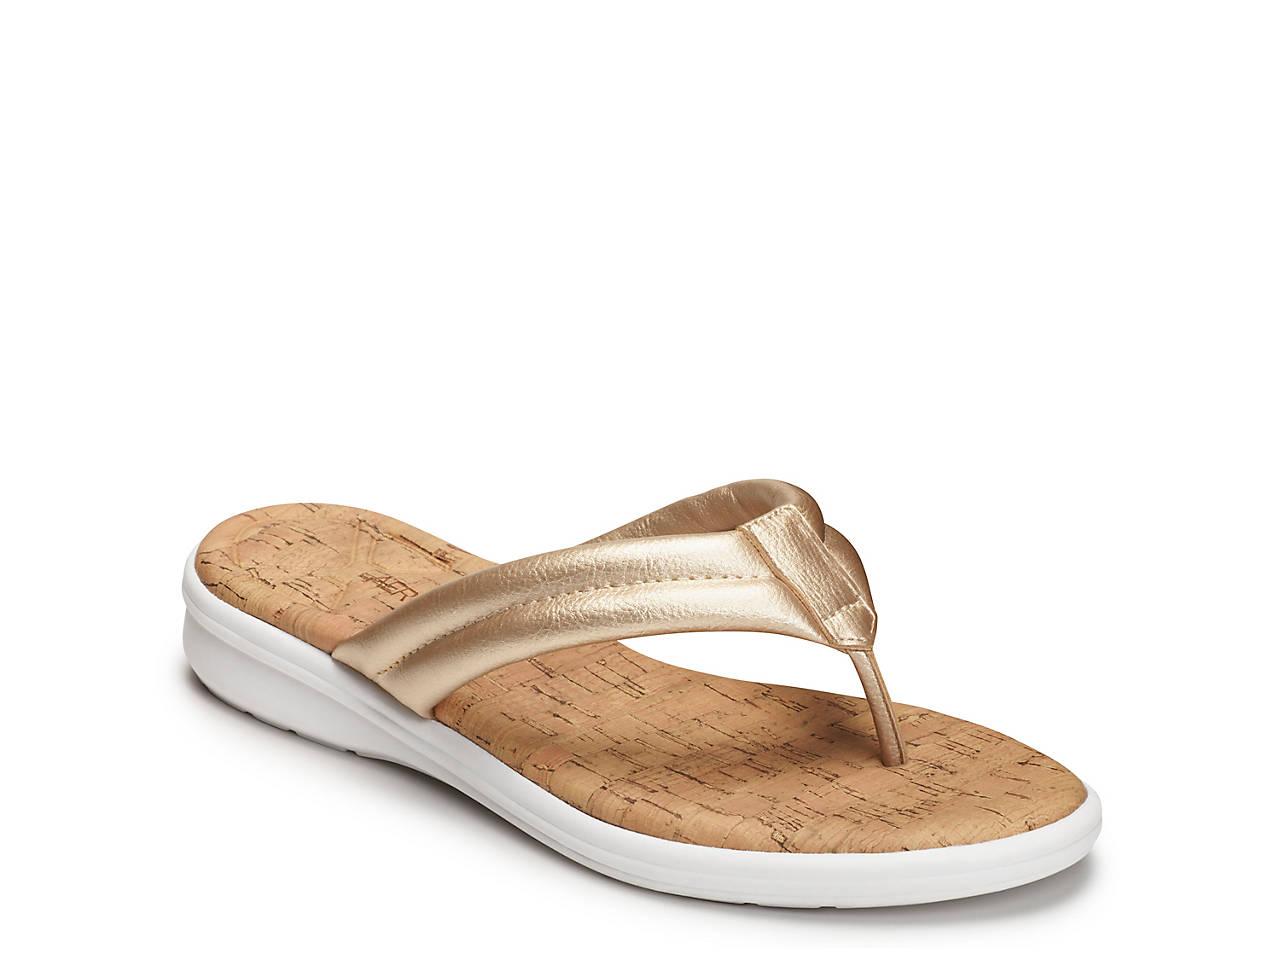 3de7de6841e0 Aerosoles Great Lakes Flip Flop Women s Shoes